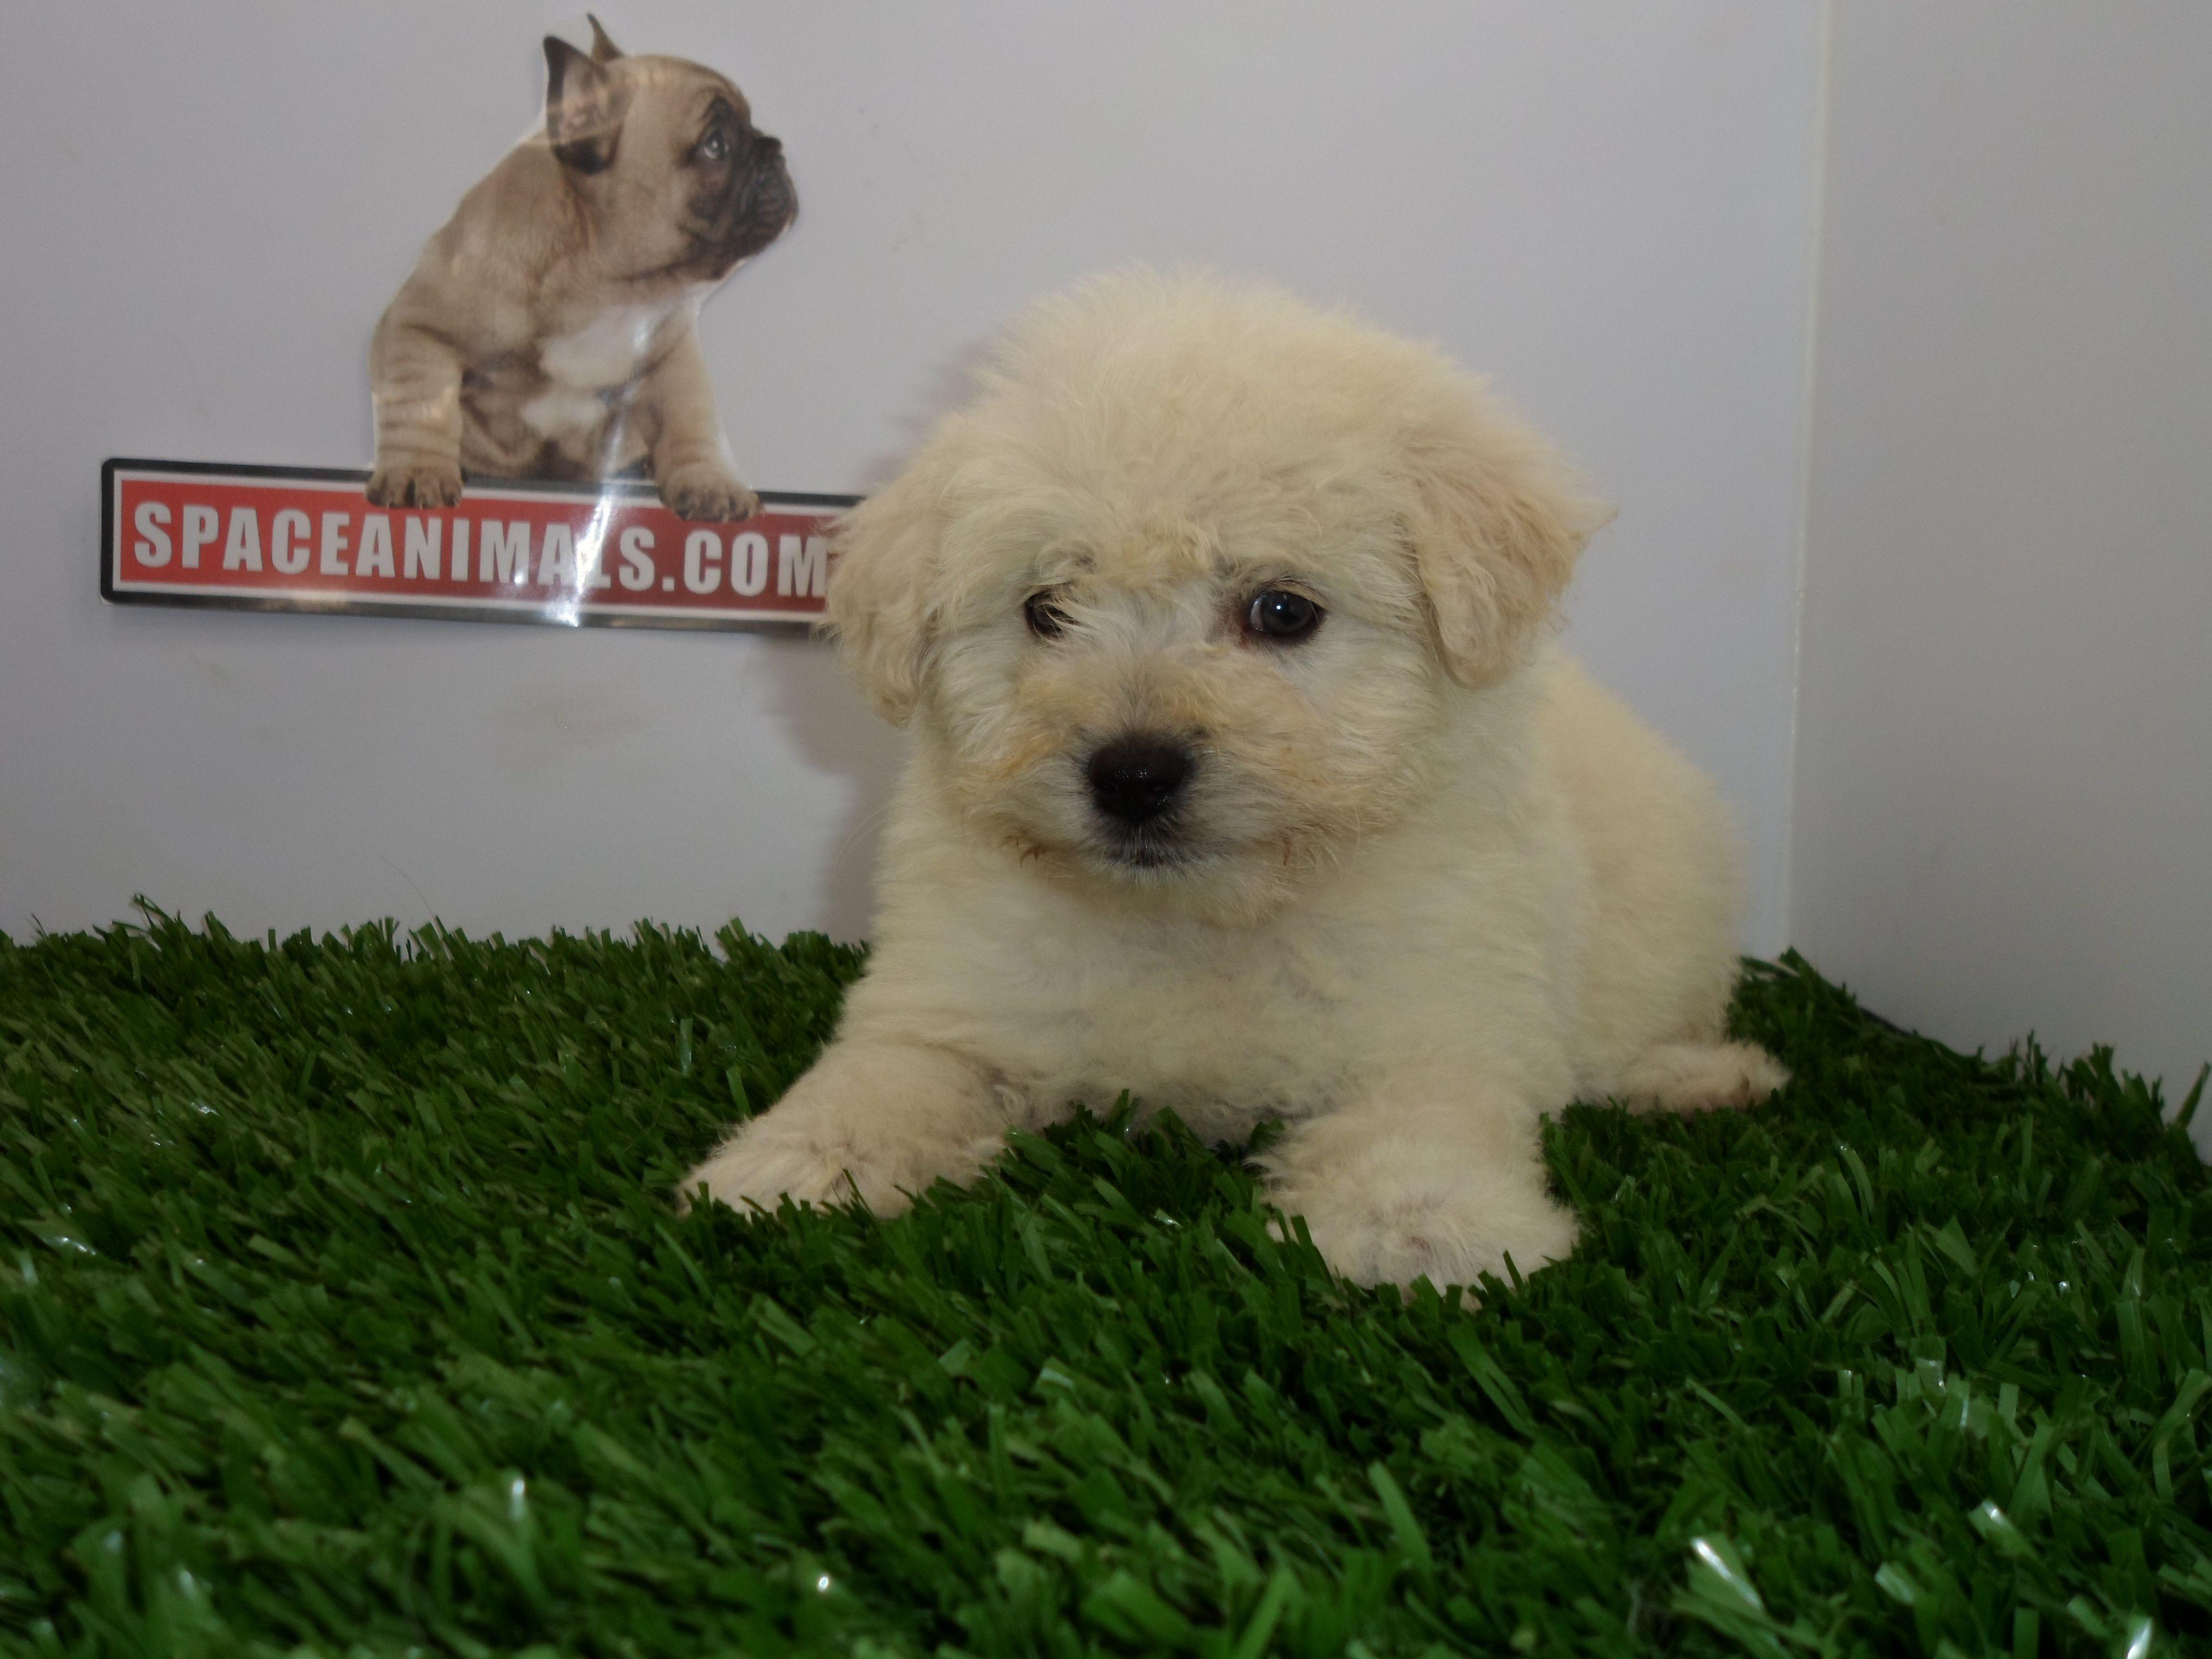 Compra Venta De Cachorros Perros De Raza Bichon Maltes Miniatura Hembras Y Machos Spaceanimals Com Mx Pedigree Azul Ahorro Venta De Cachorros Cachorros Perros